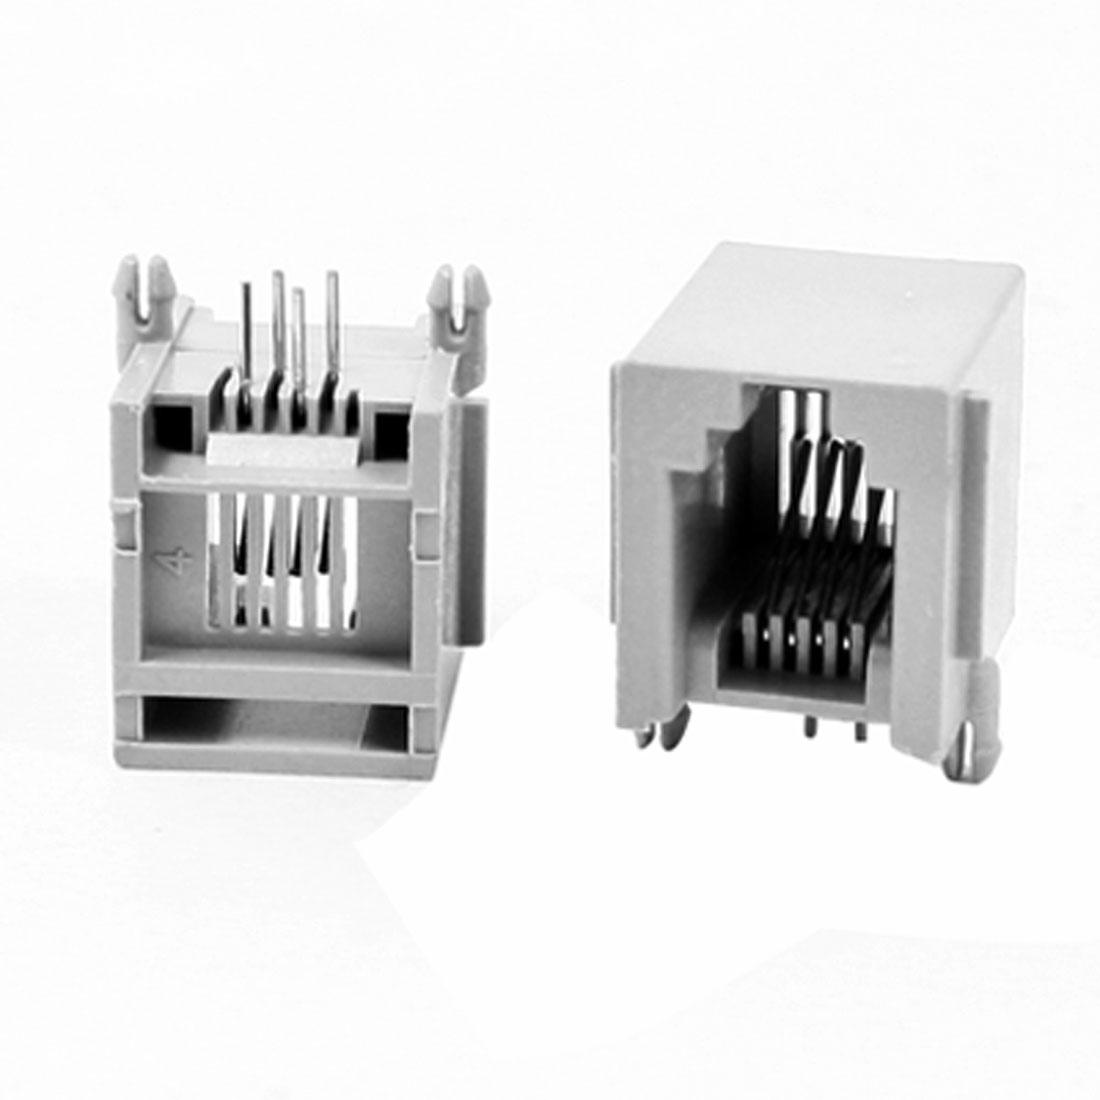 """20 Pcs 0.6"""" Long RJ11 6P4C PCB Jacks Horizontal Sockets Gray for WAN Modem"""